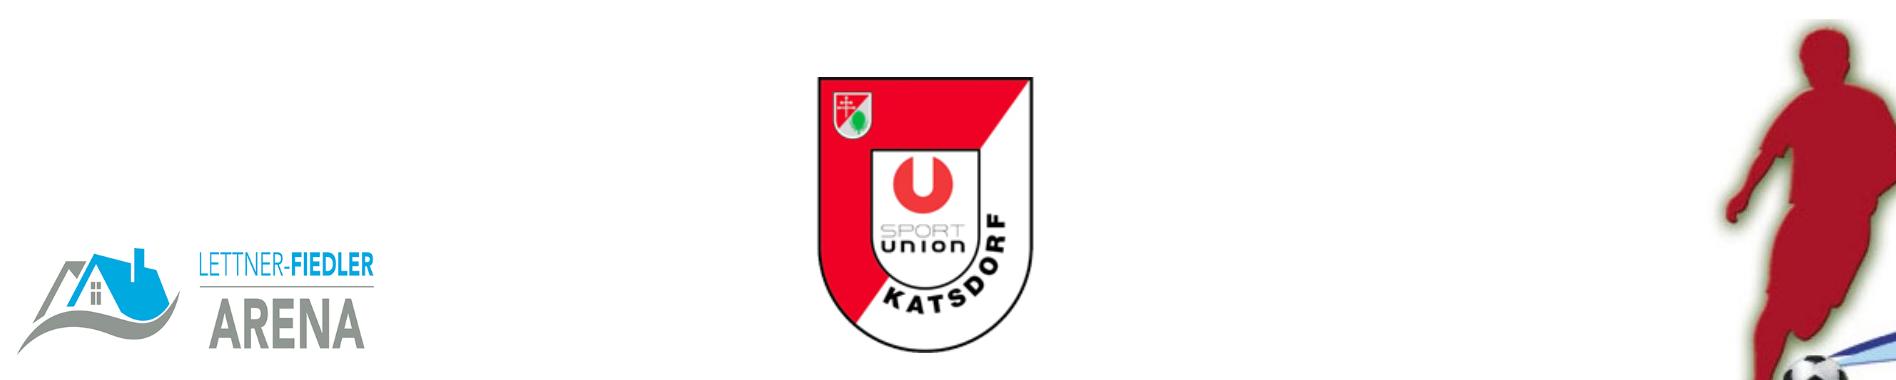 Union Katsdorf - Slide 1